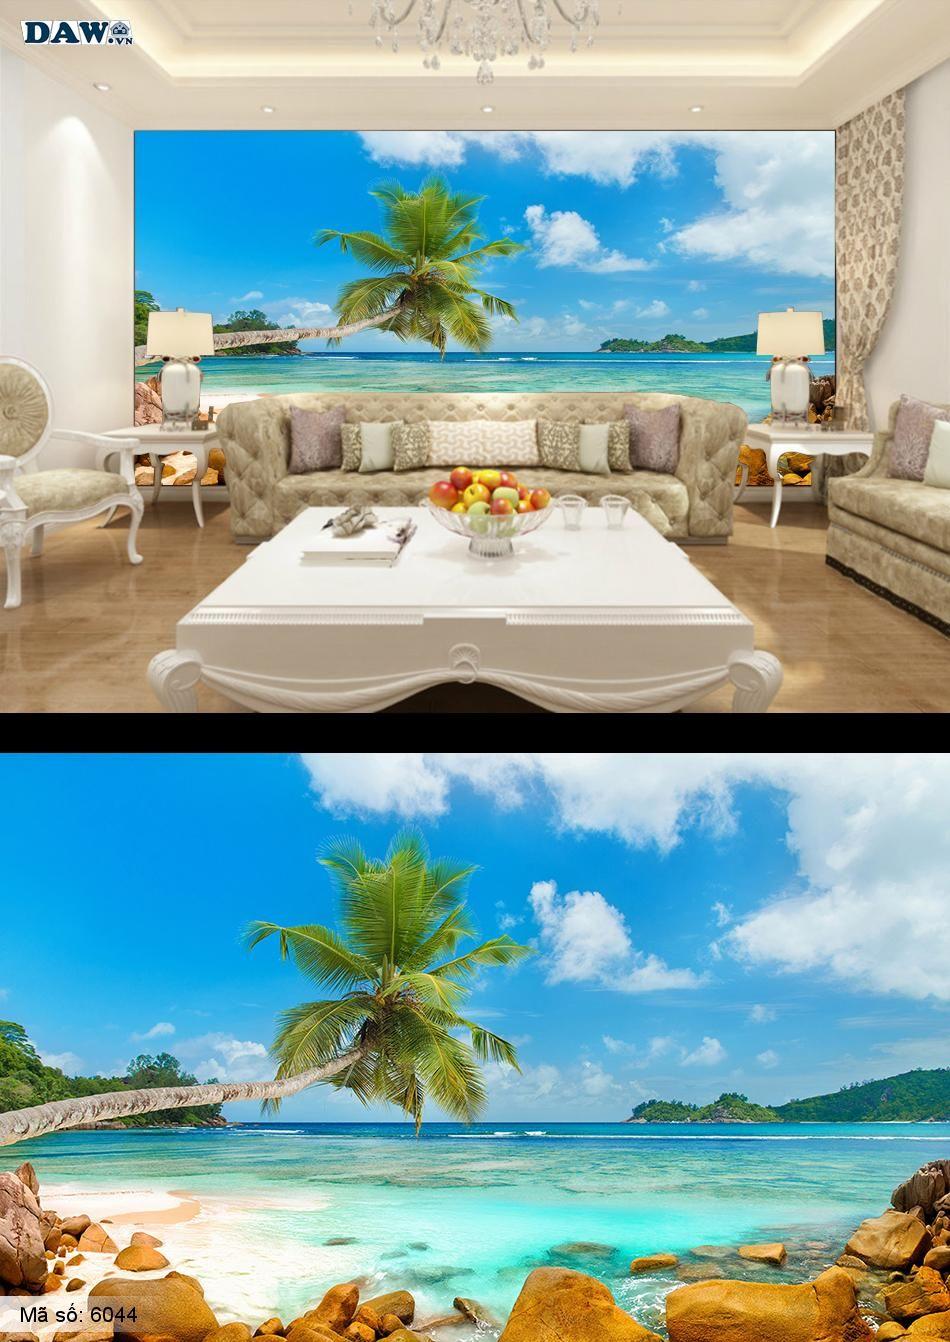 Tranh dán tường bãi biển, hàng dừa, cây dừa bãi cát, bãi đá bãi tắm, biển 6044